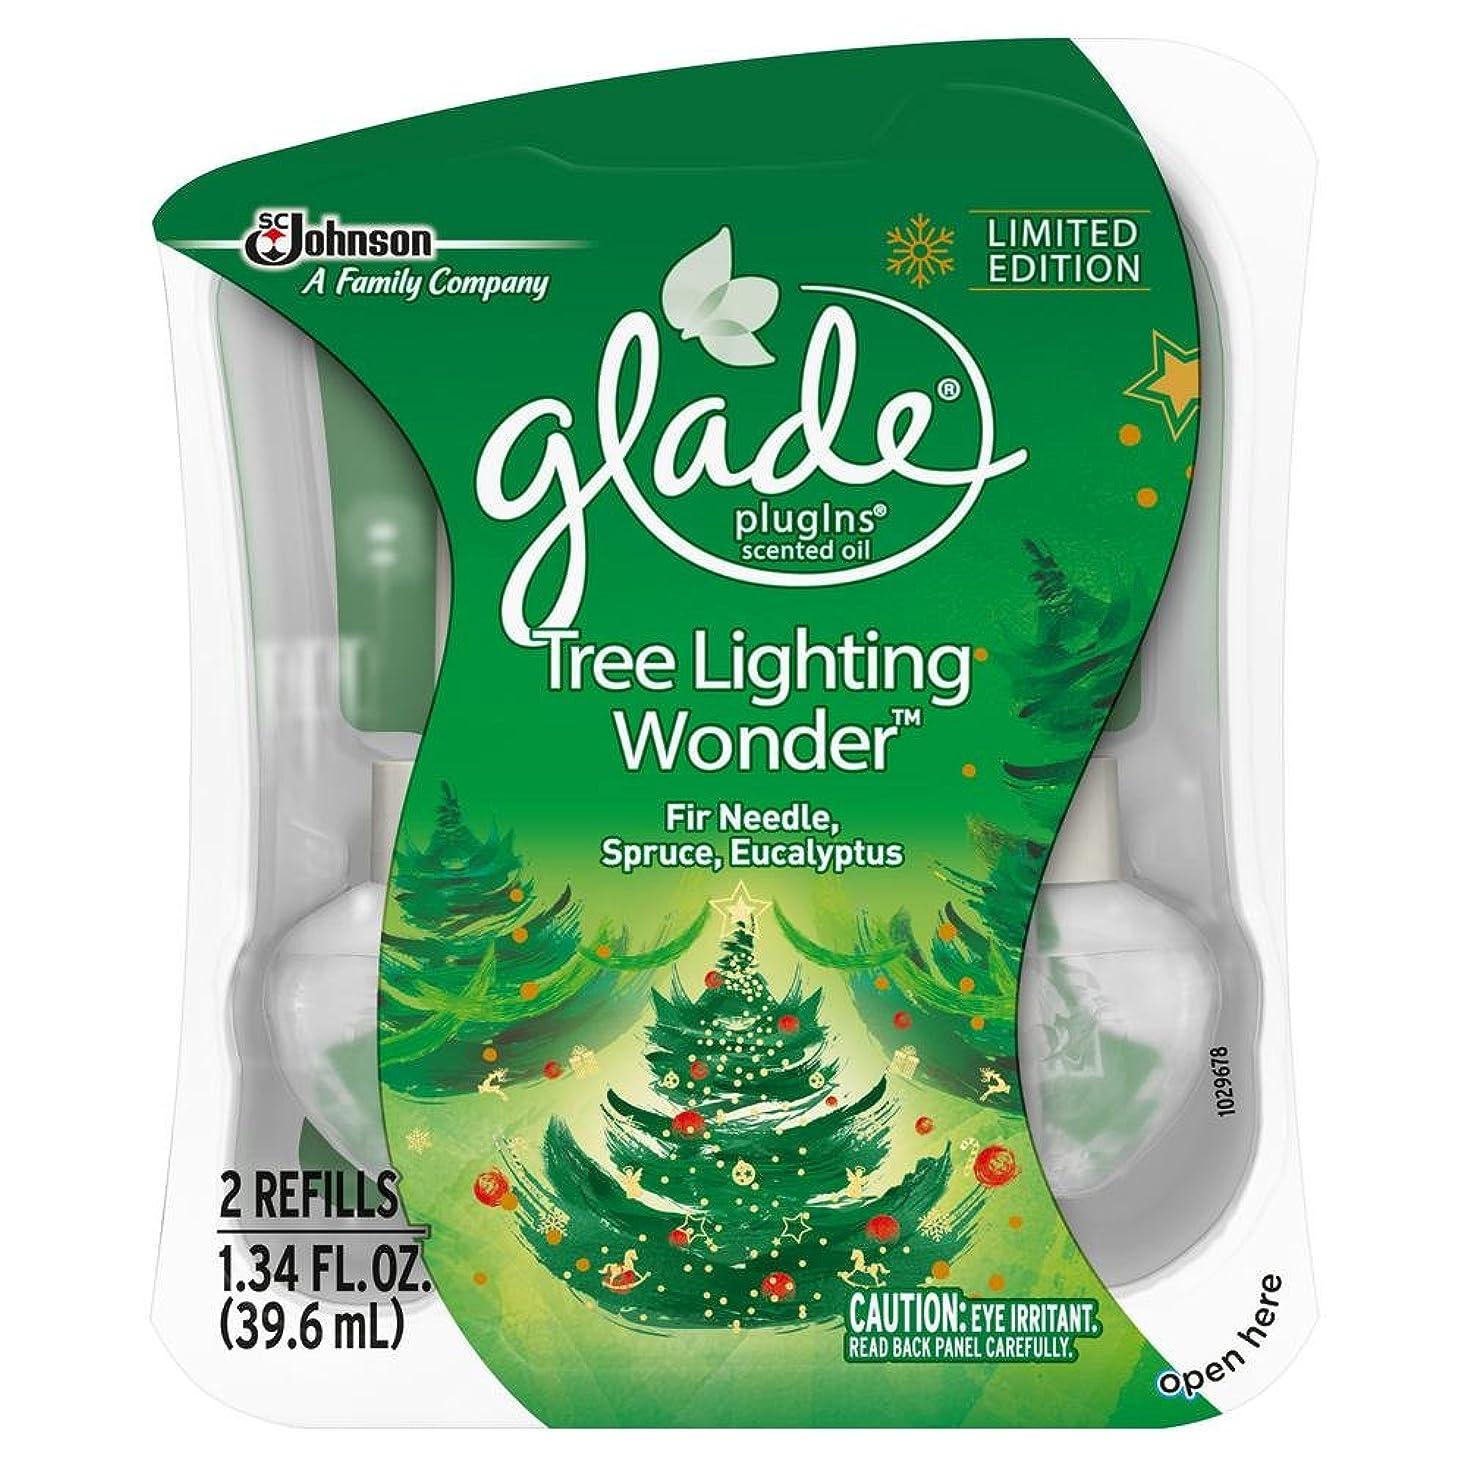 ディレクトリ額法律により【glade/グレード】 プラグインオイル 詰替え用リフィル(2個入り) ツリーライティングワンダー Glade Plugins Scented Oil Tree Lighting Wonder 2 refills 1.34oz(39.6ml) [並行輸入品]